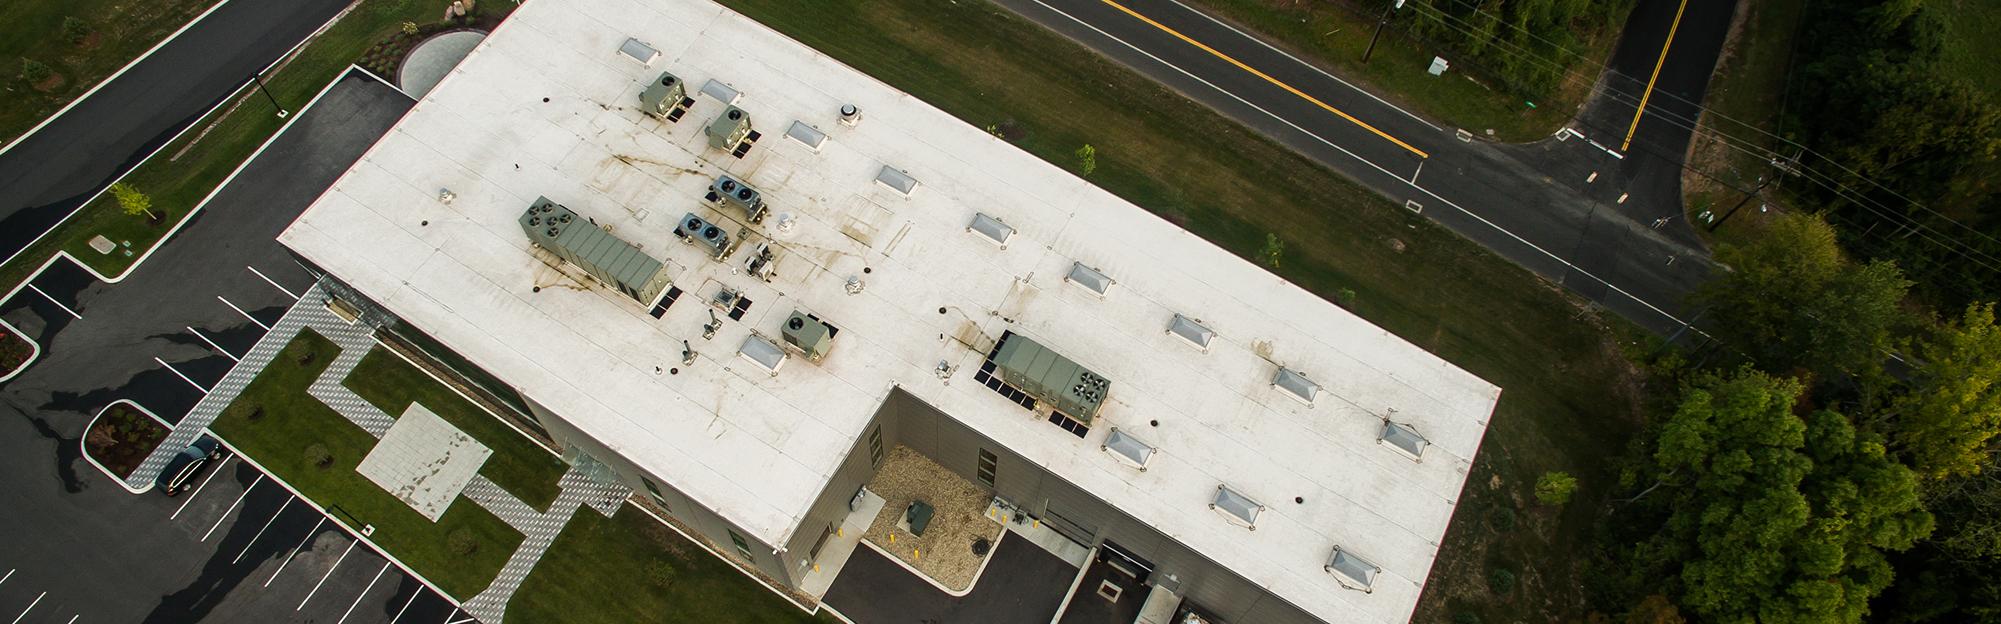 Elastomeric Roof | Massachusetts Roofing Contractors